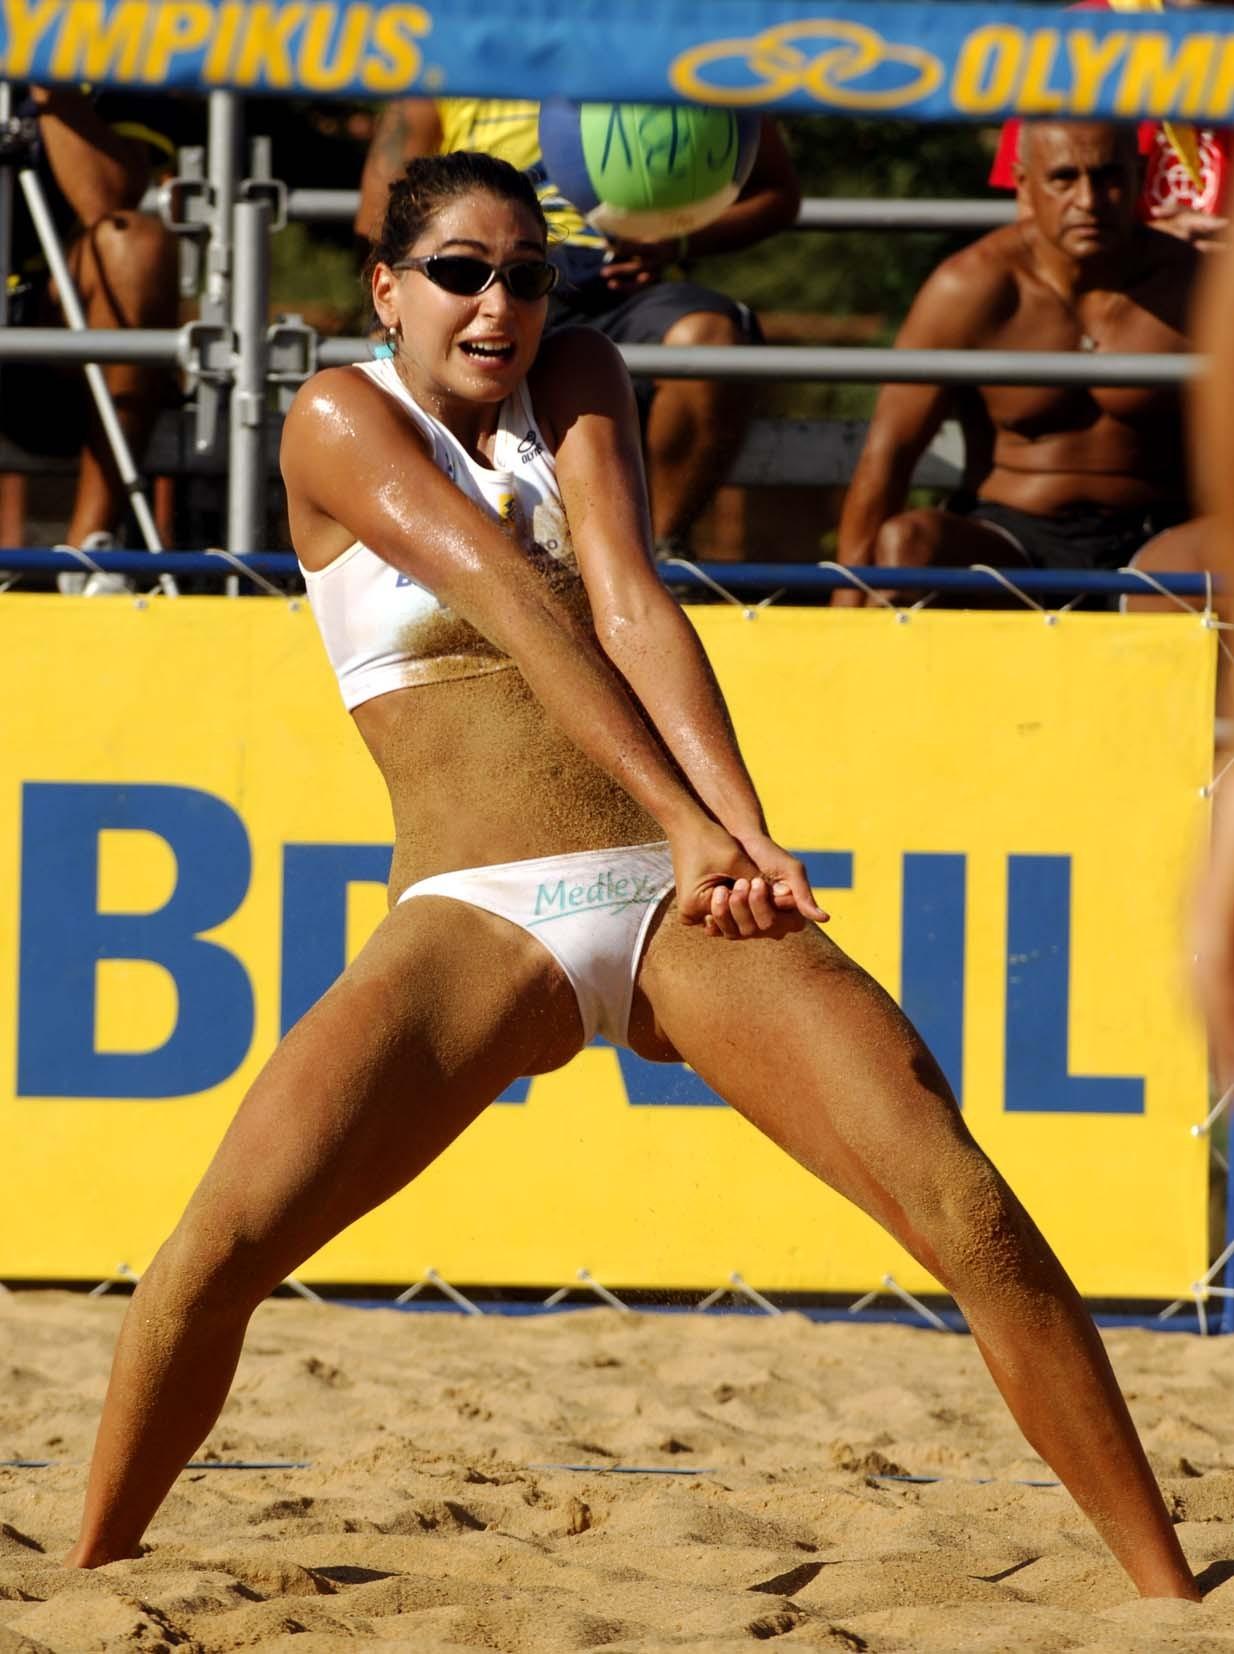 Эротические фото в женском пляжном волейболе 4 фотография